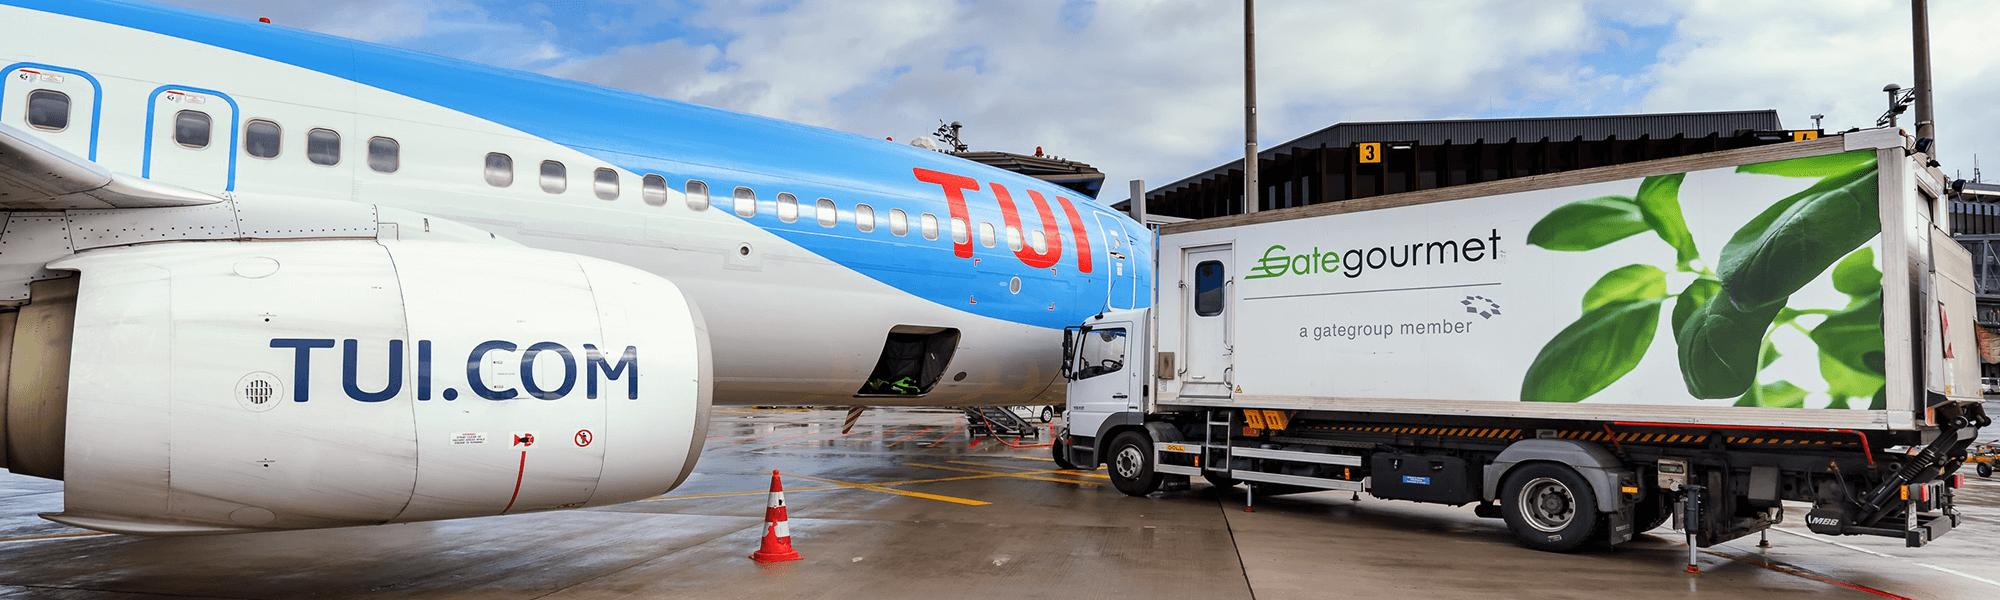 Wie kommen eigentlich Bordverpflegung und Bordshop-Artikel ins Flugzeug?